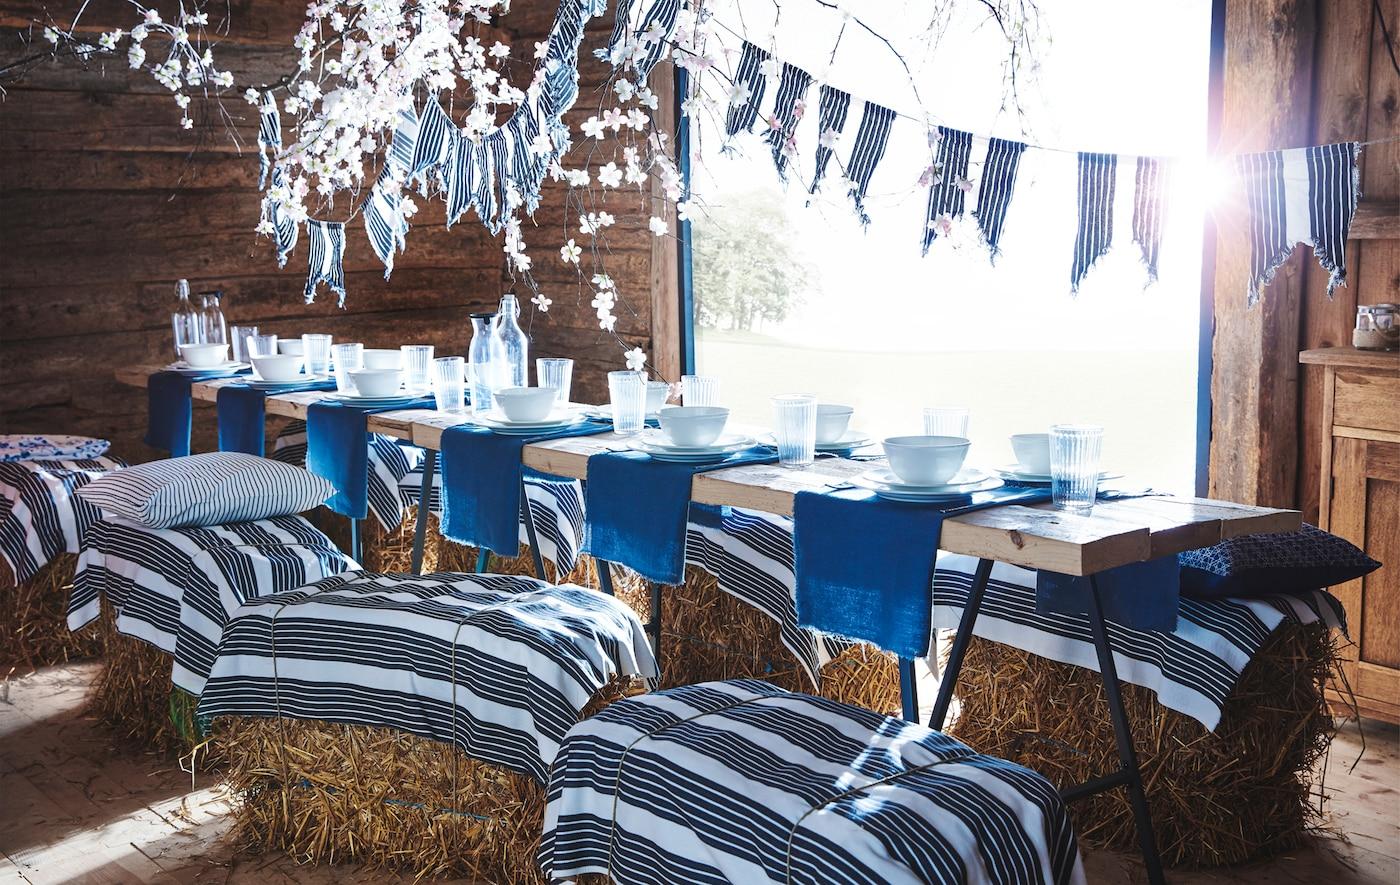 Une longue table dans une grange en bois avec de la vaisselle bleue et blanche, et du tissu à rayures en banderole et attaché sur des balles de foin servant de sièges.